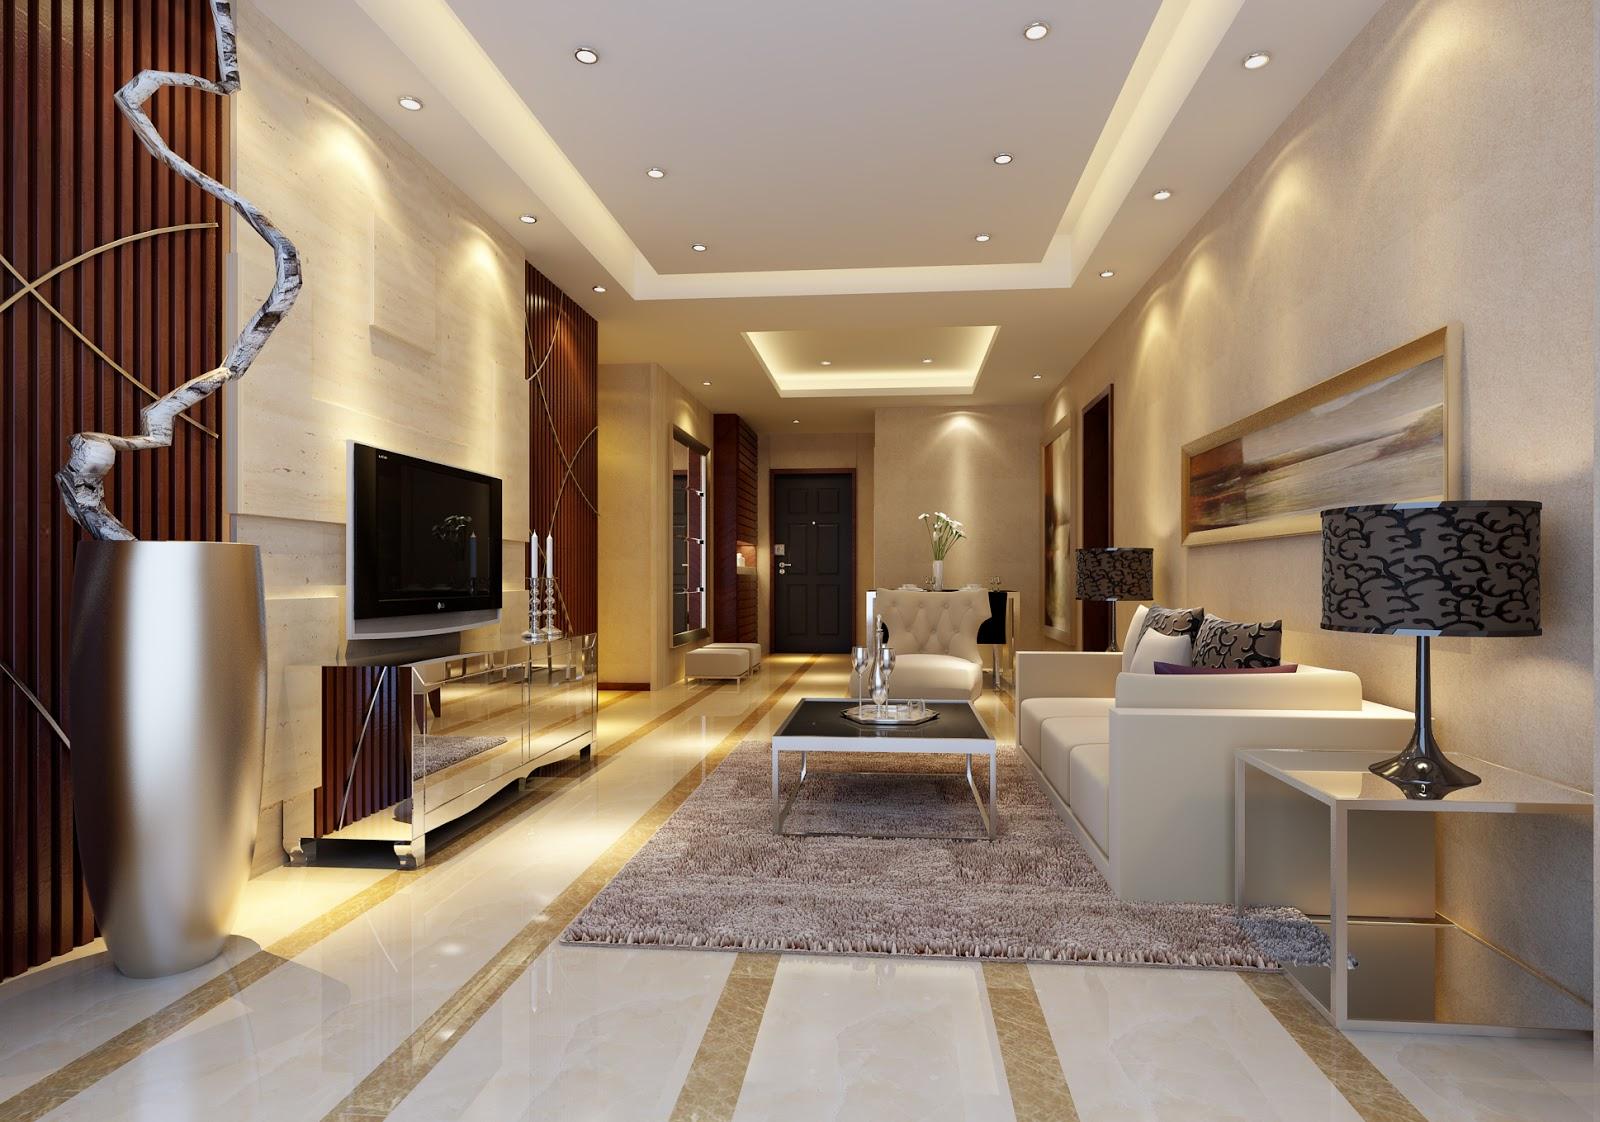 Thiết kế nội thất chung cư kiểu Hàn